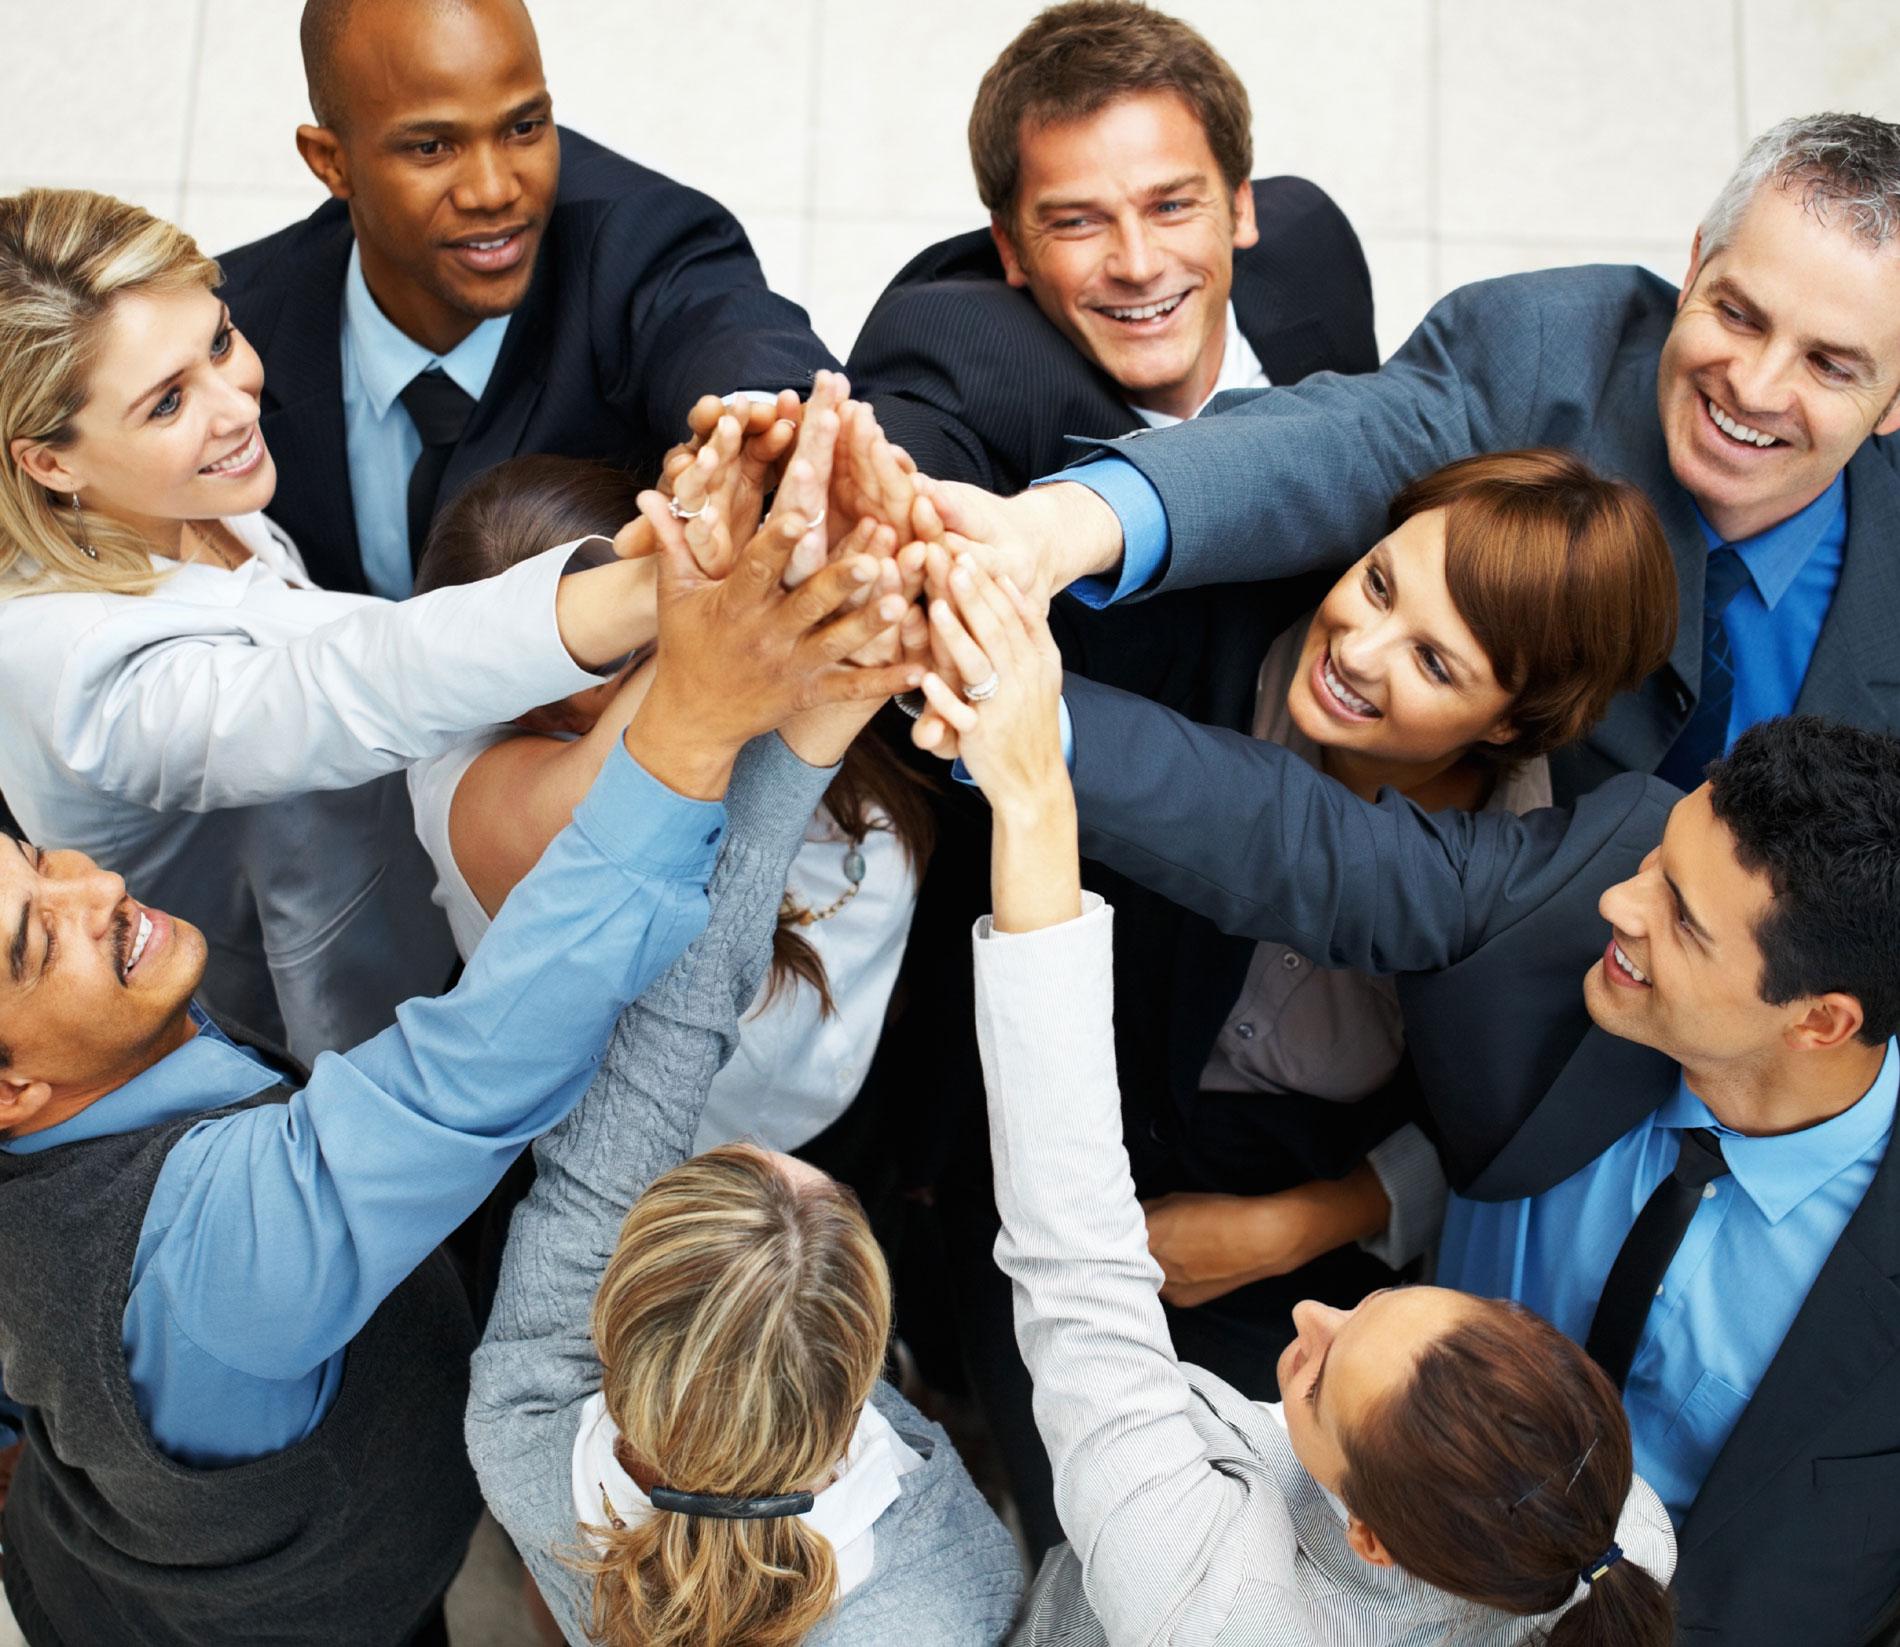 Le Bien etre au travail: facteur de réussite